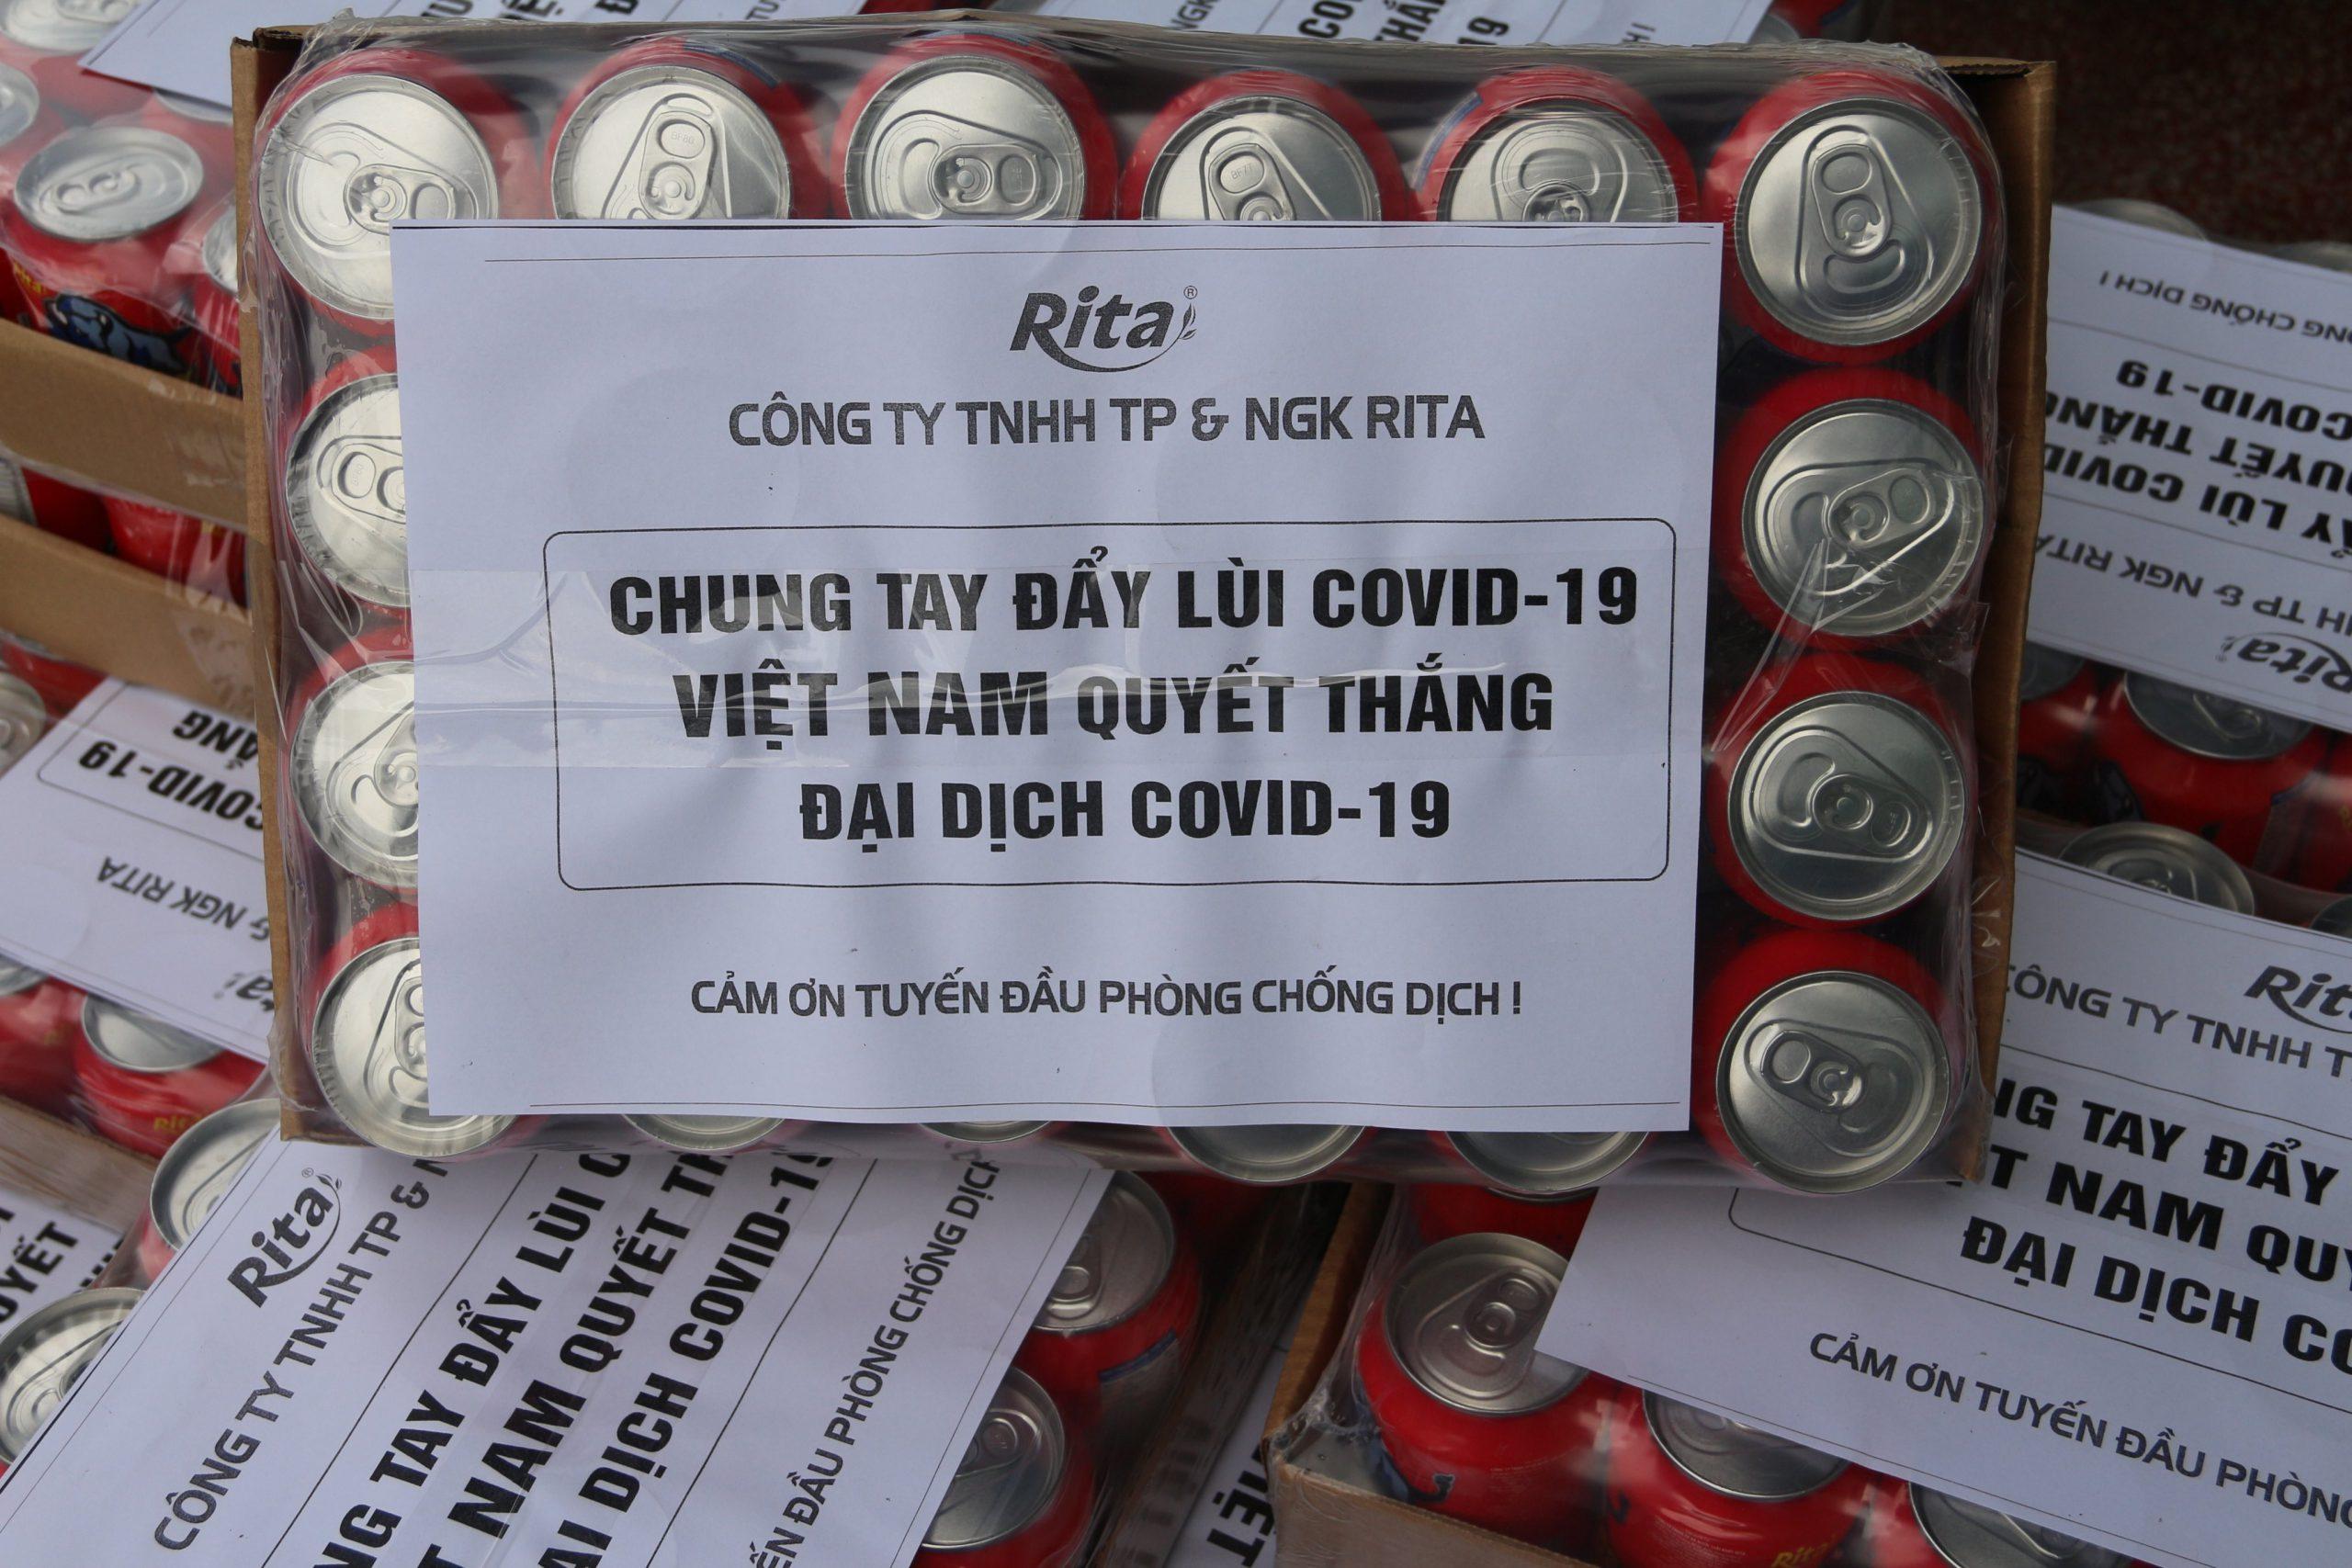 Rita tặng quà cho các chiến sĩ đang ngày đêm chống dịch